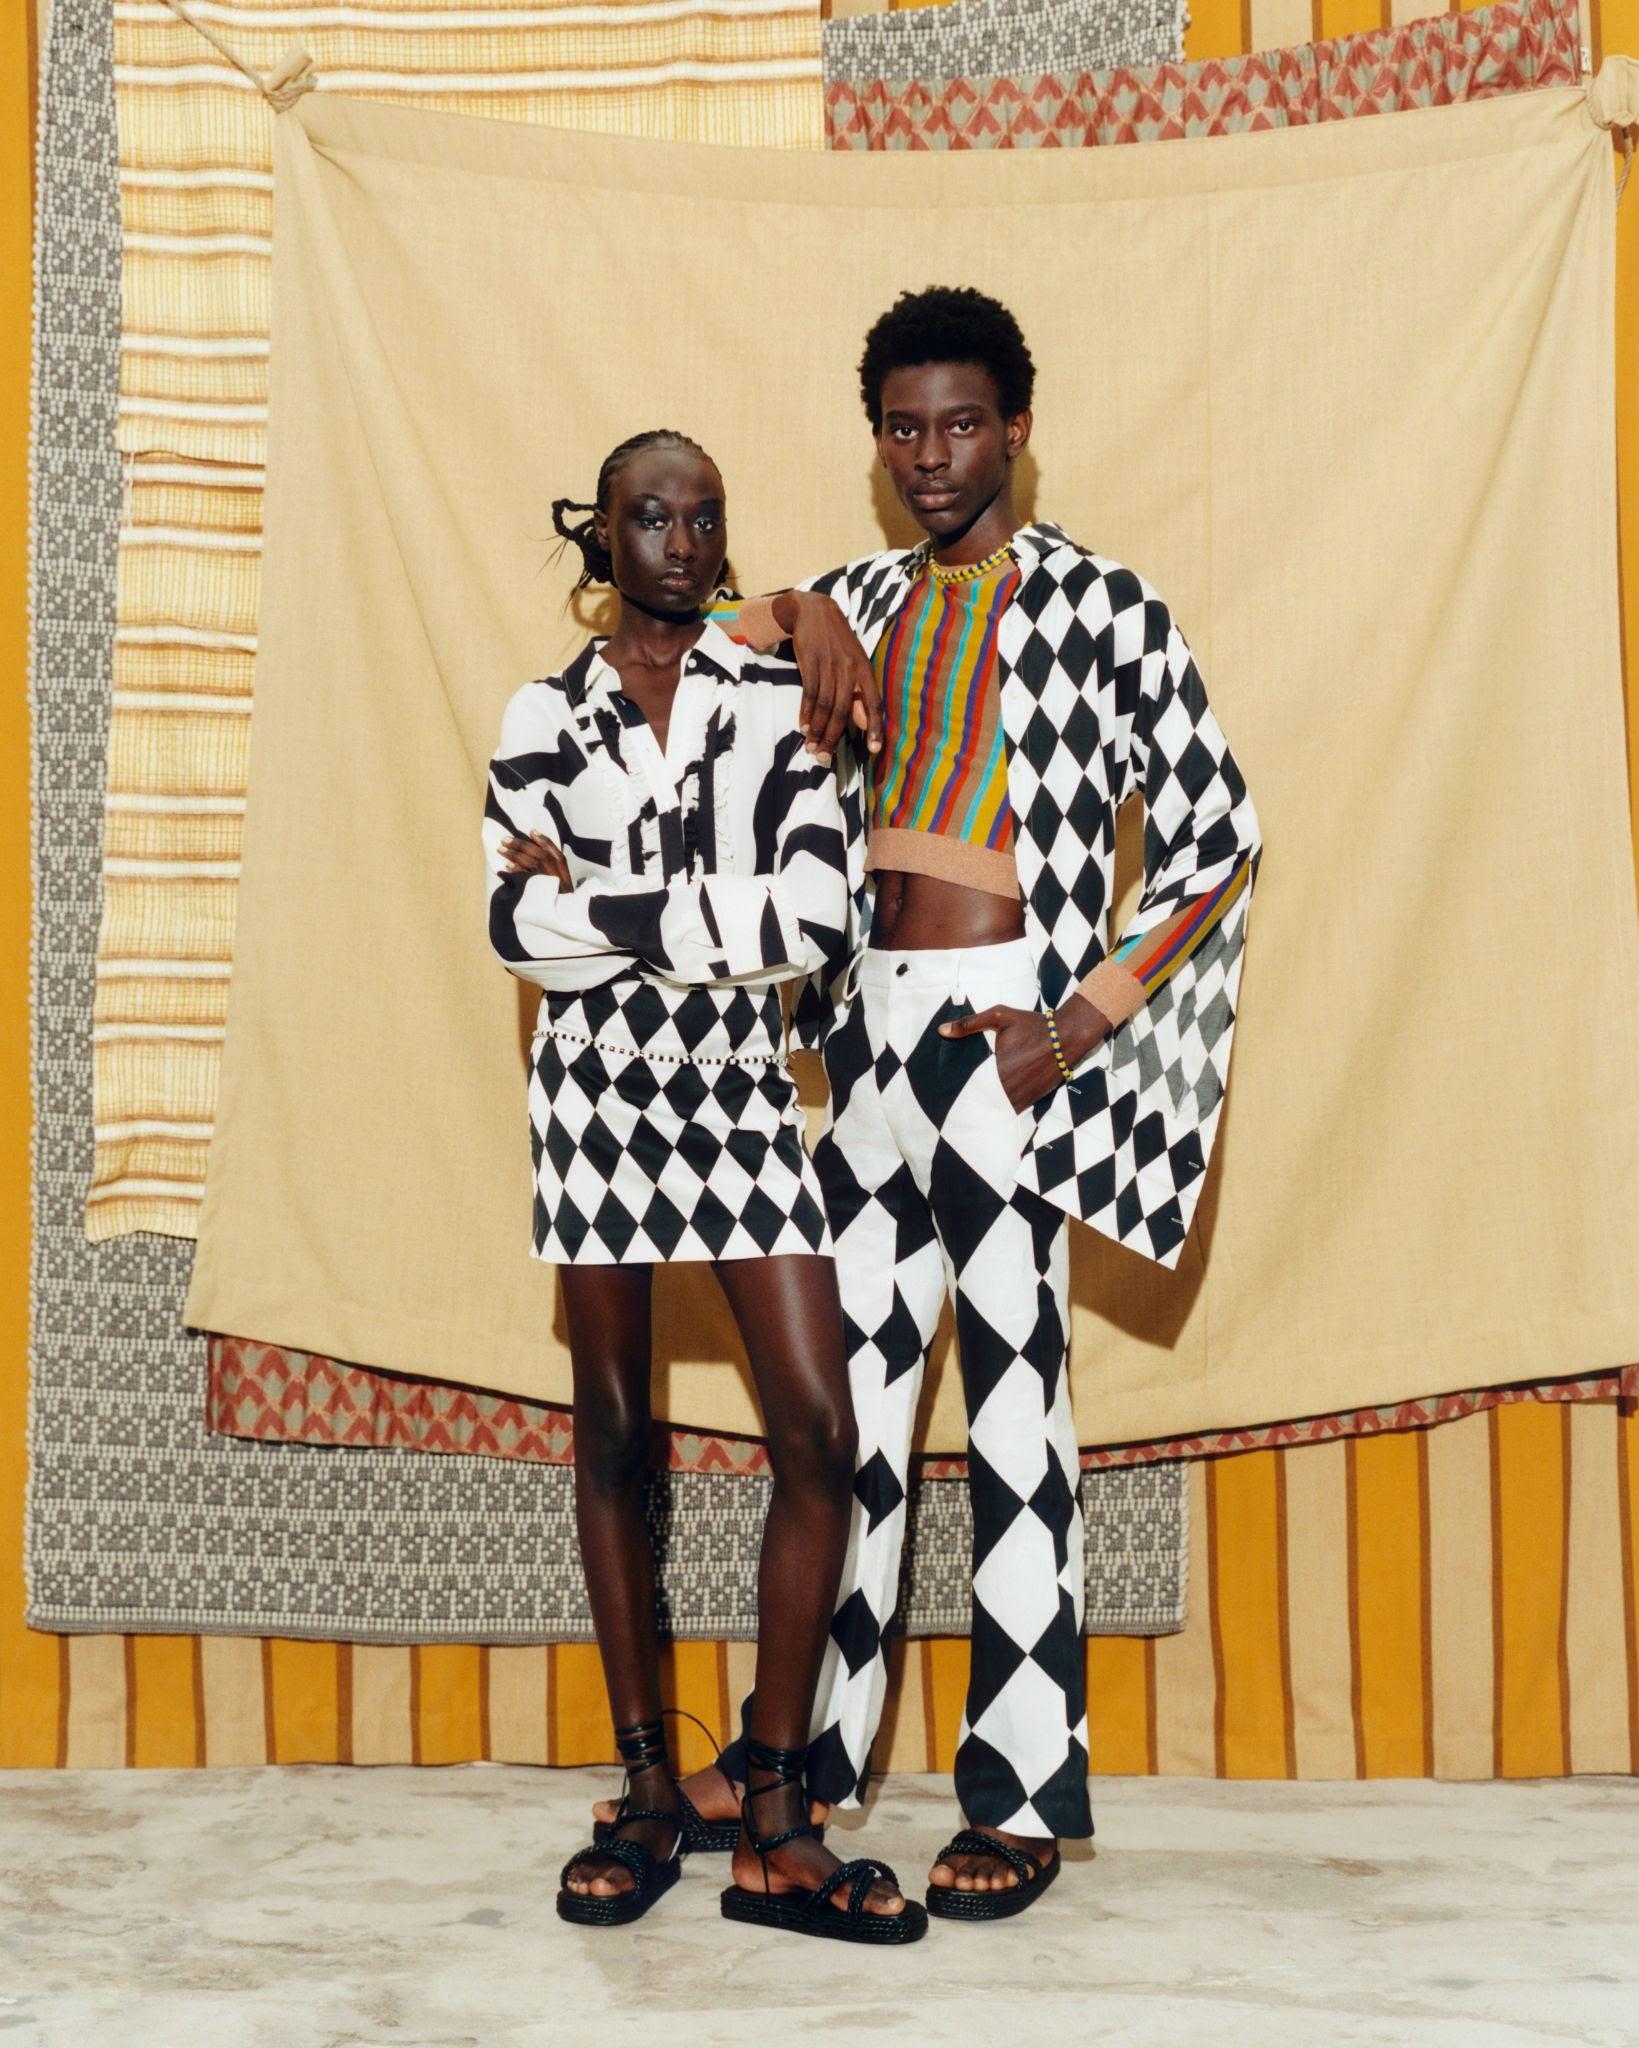 KARL LAGERFELD X KENNETH IZE: La colaboración que nos regala siluetas elegantes con patrones inspirados en la tradicional tela aso oke